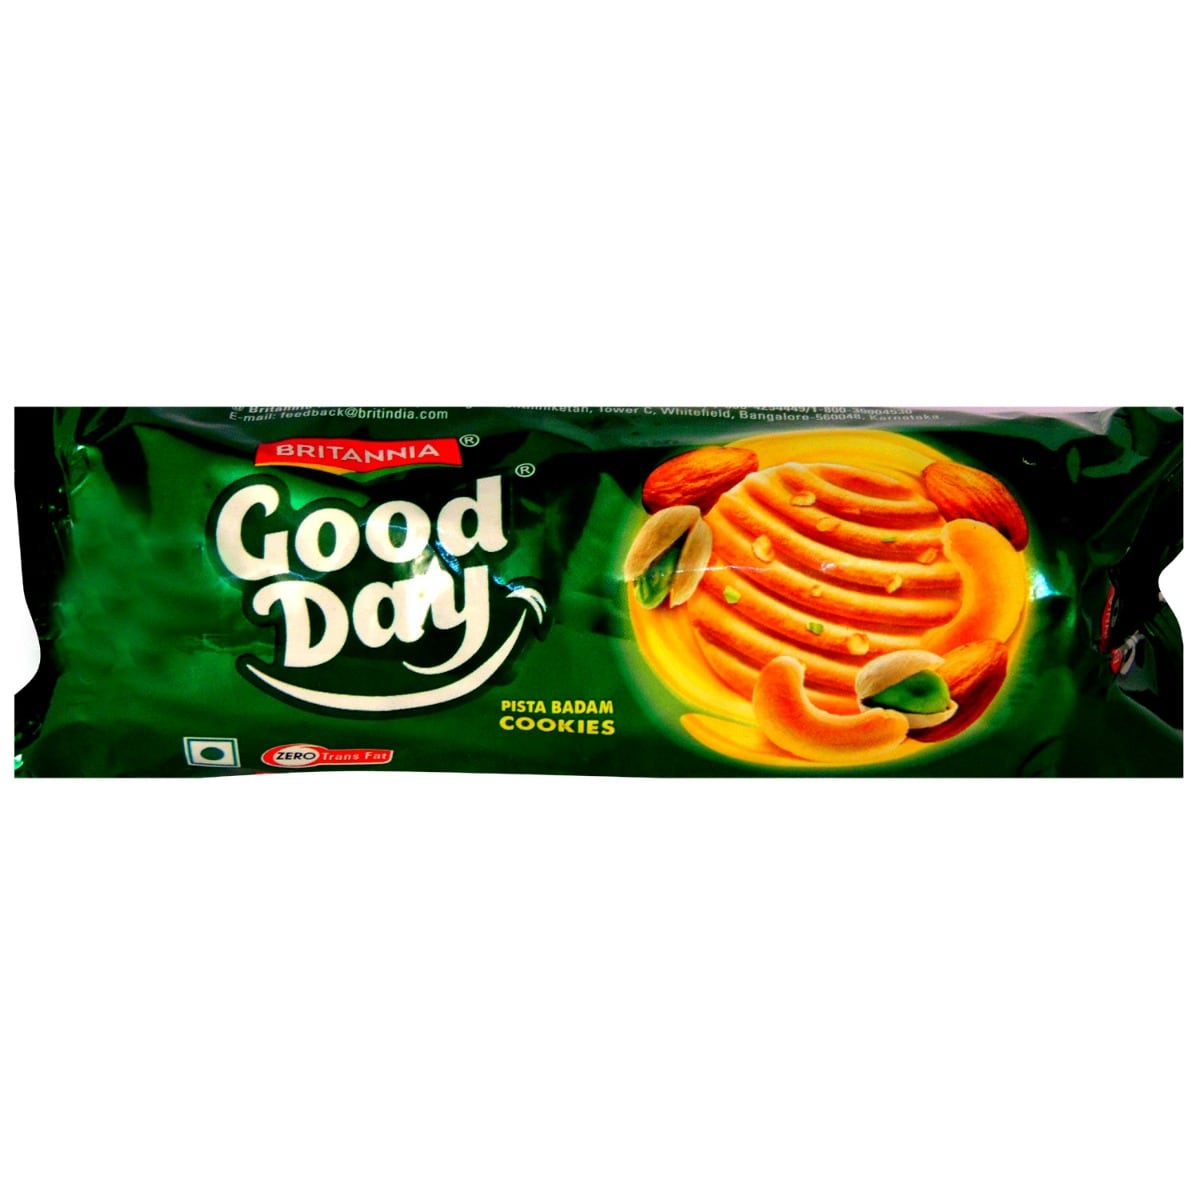 Britania Good Day Pista Badam Cookies, 100 gm